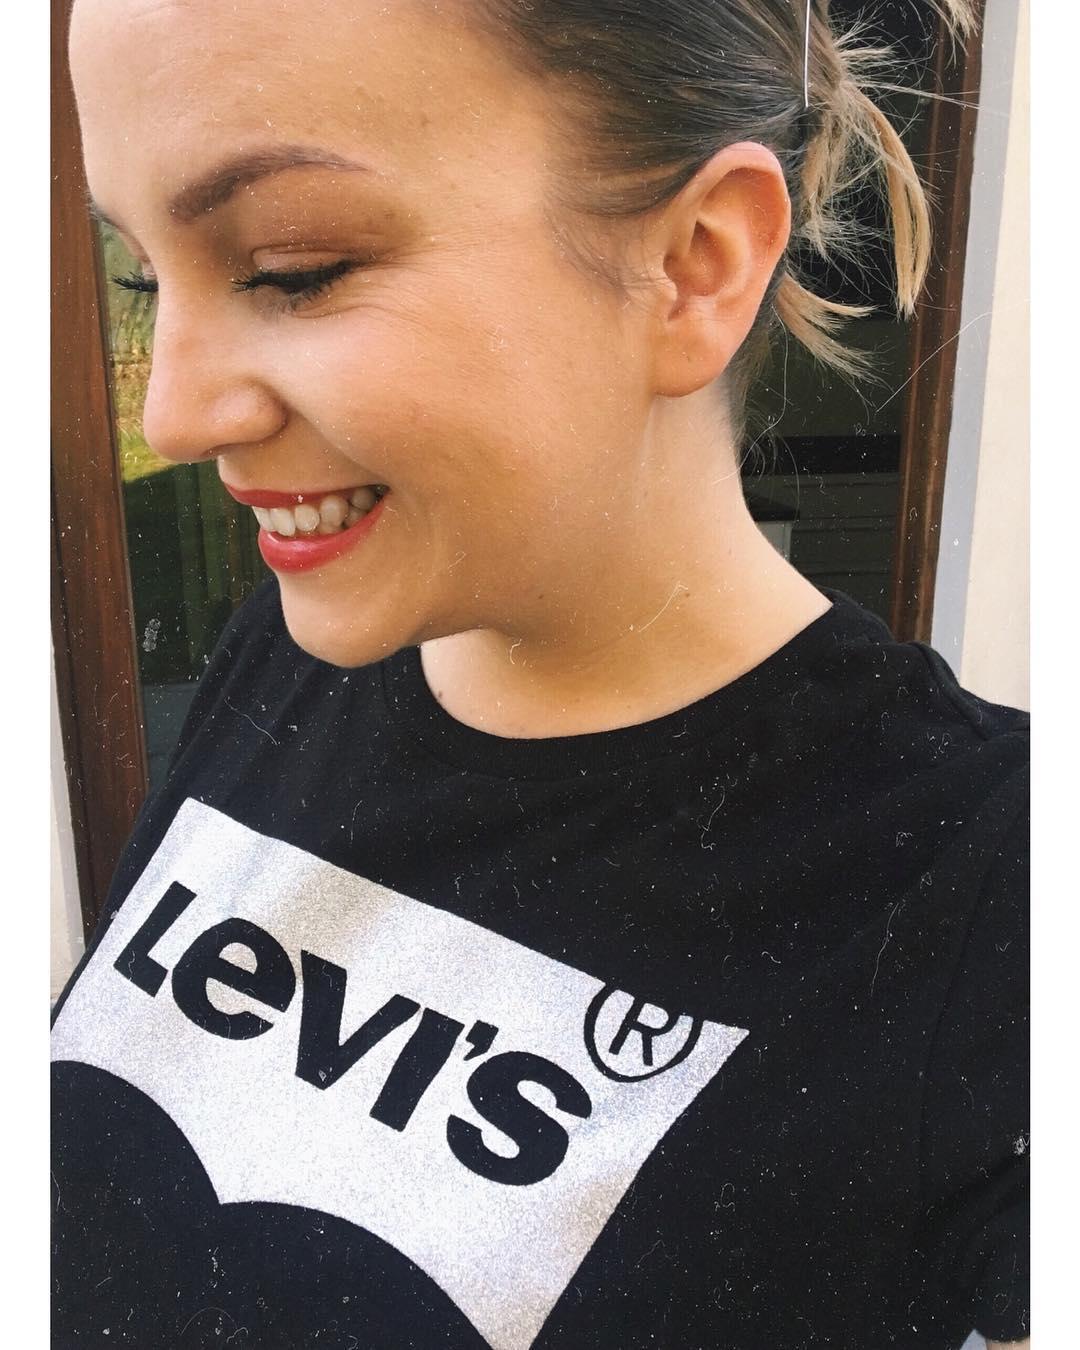 t-shirt levis noir et argent de Les Bourgeoises sur manwnk